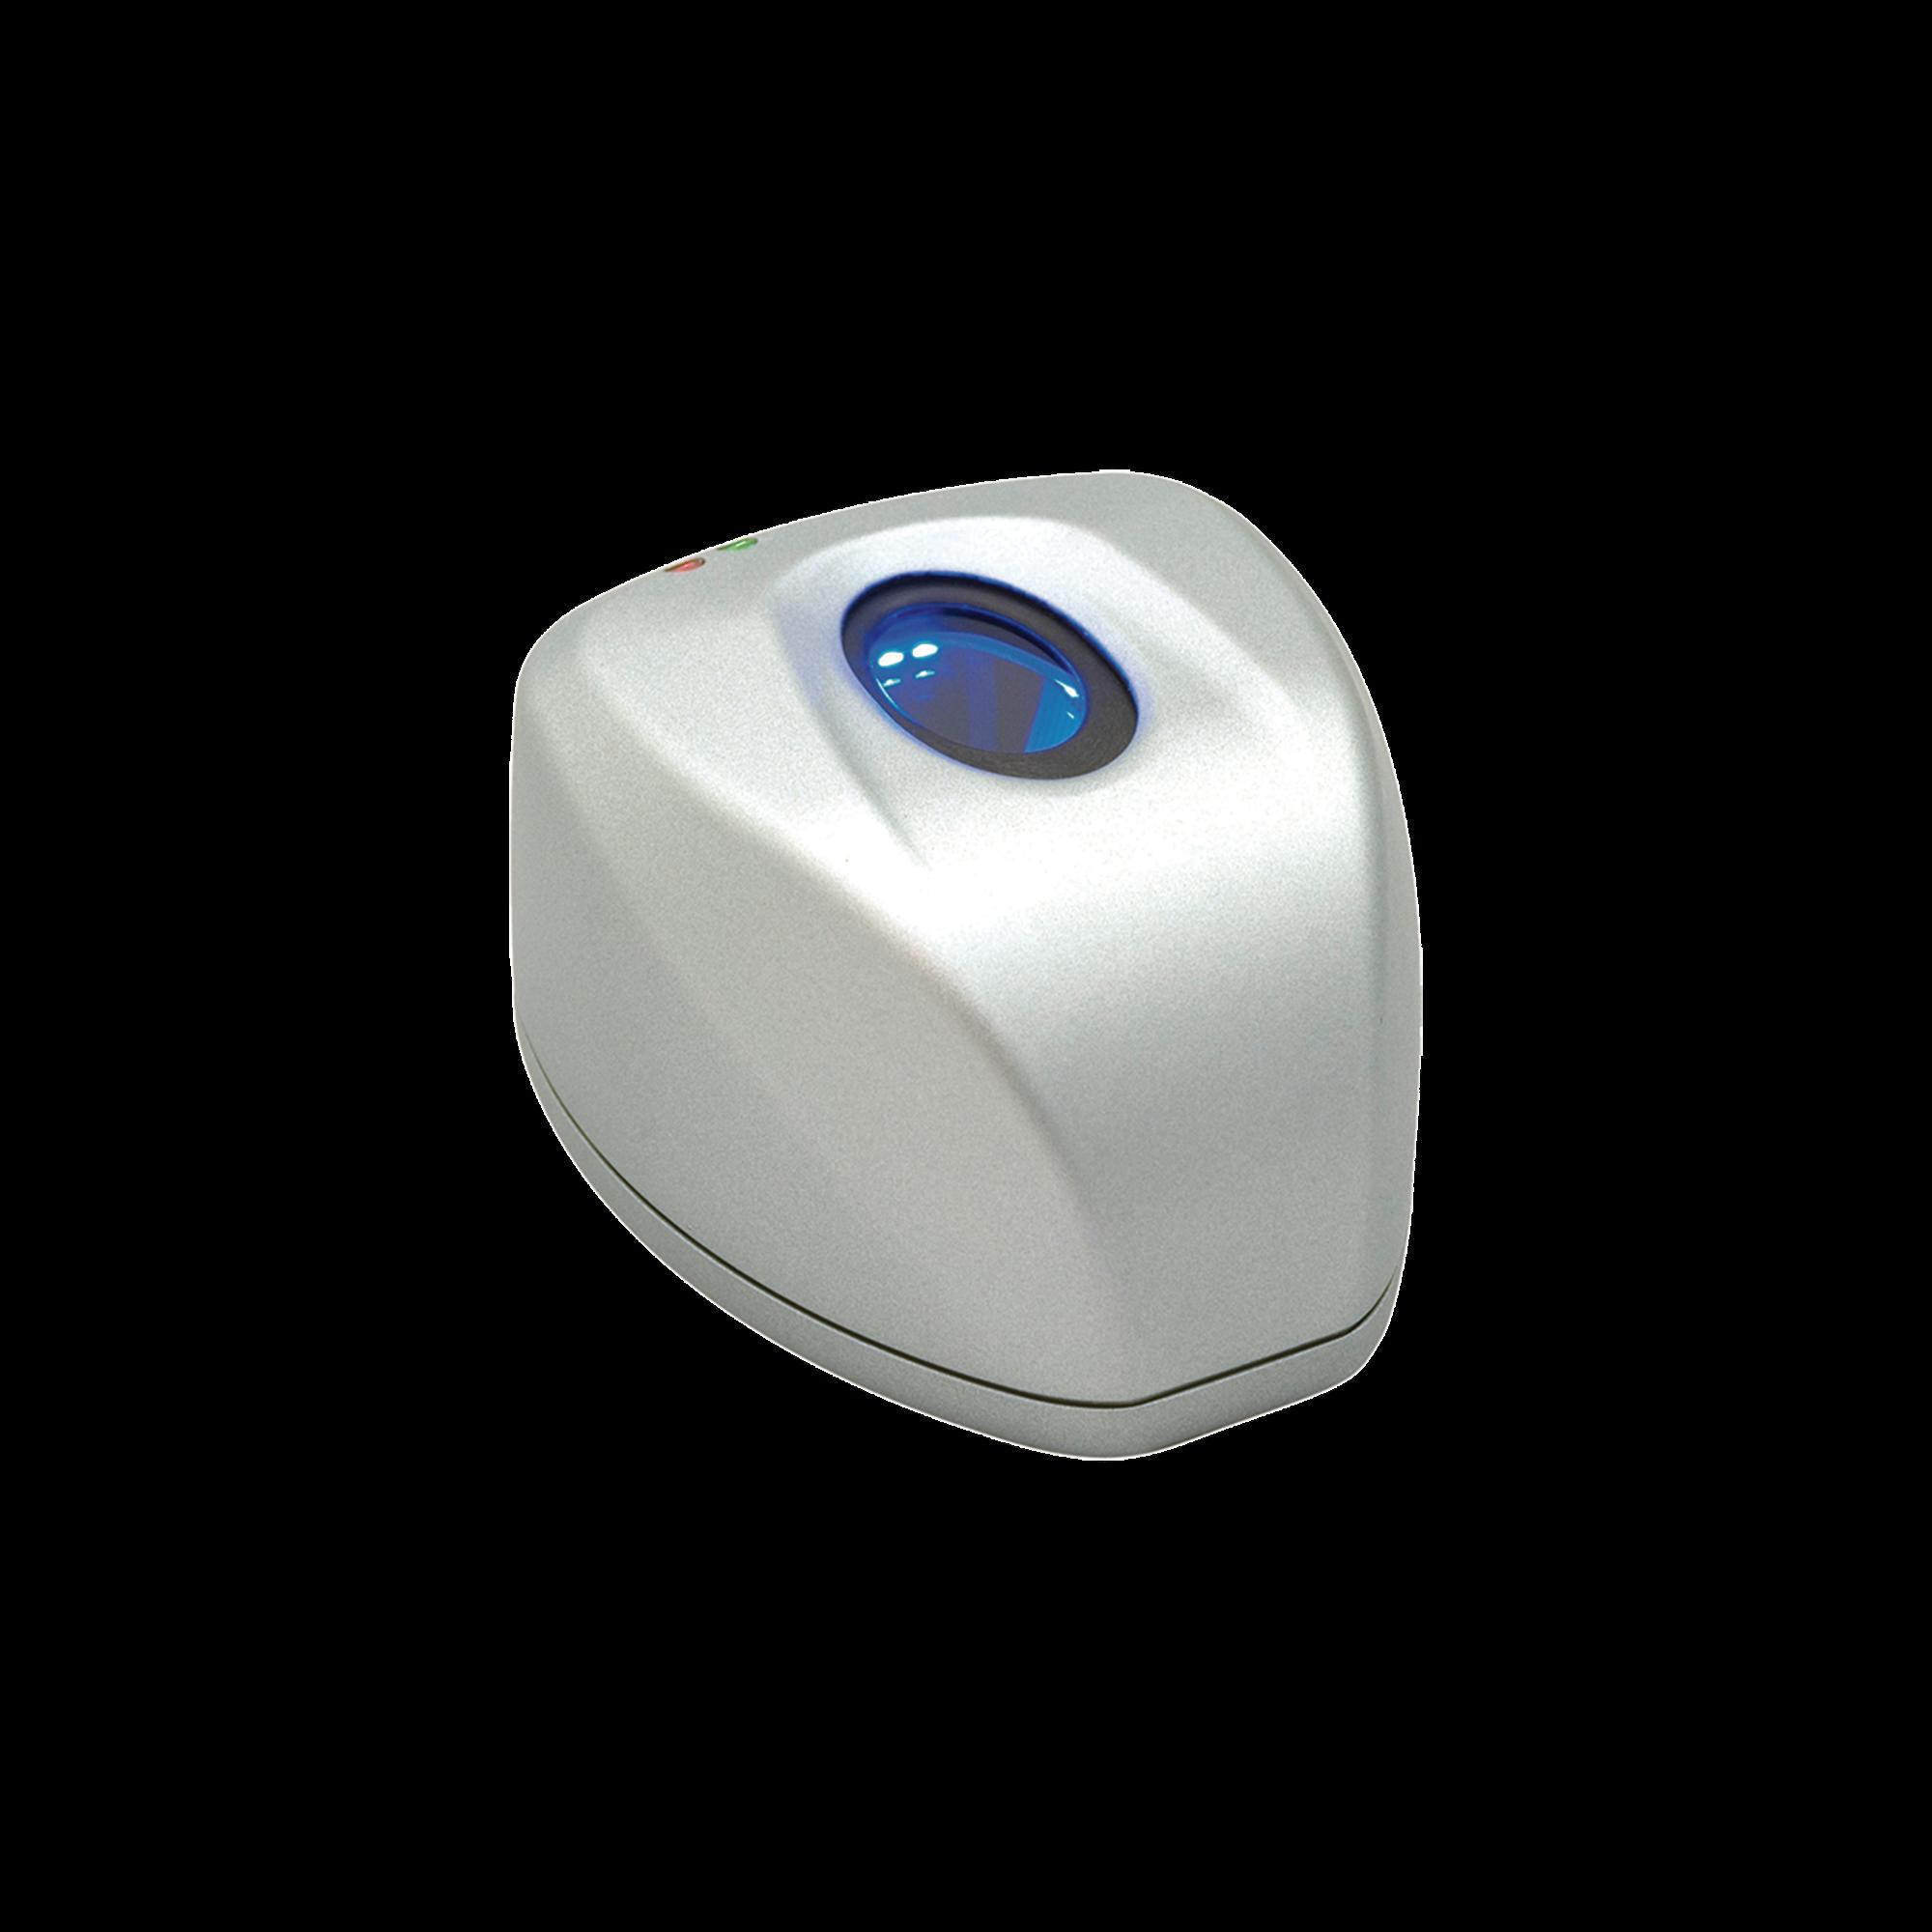 Sensor de Huella digital Lumidigm® Serie V / Tecnología Multiespectral / Detecta Huellas Vivas en Cualquier Ambiente